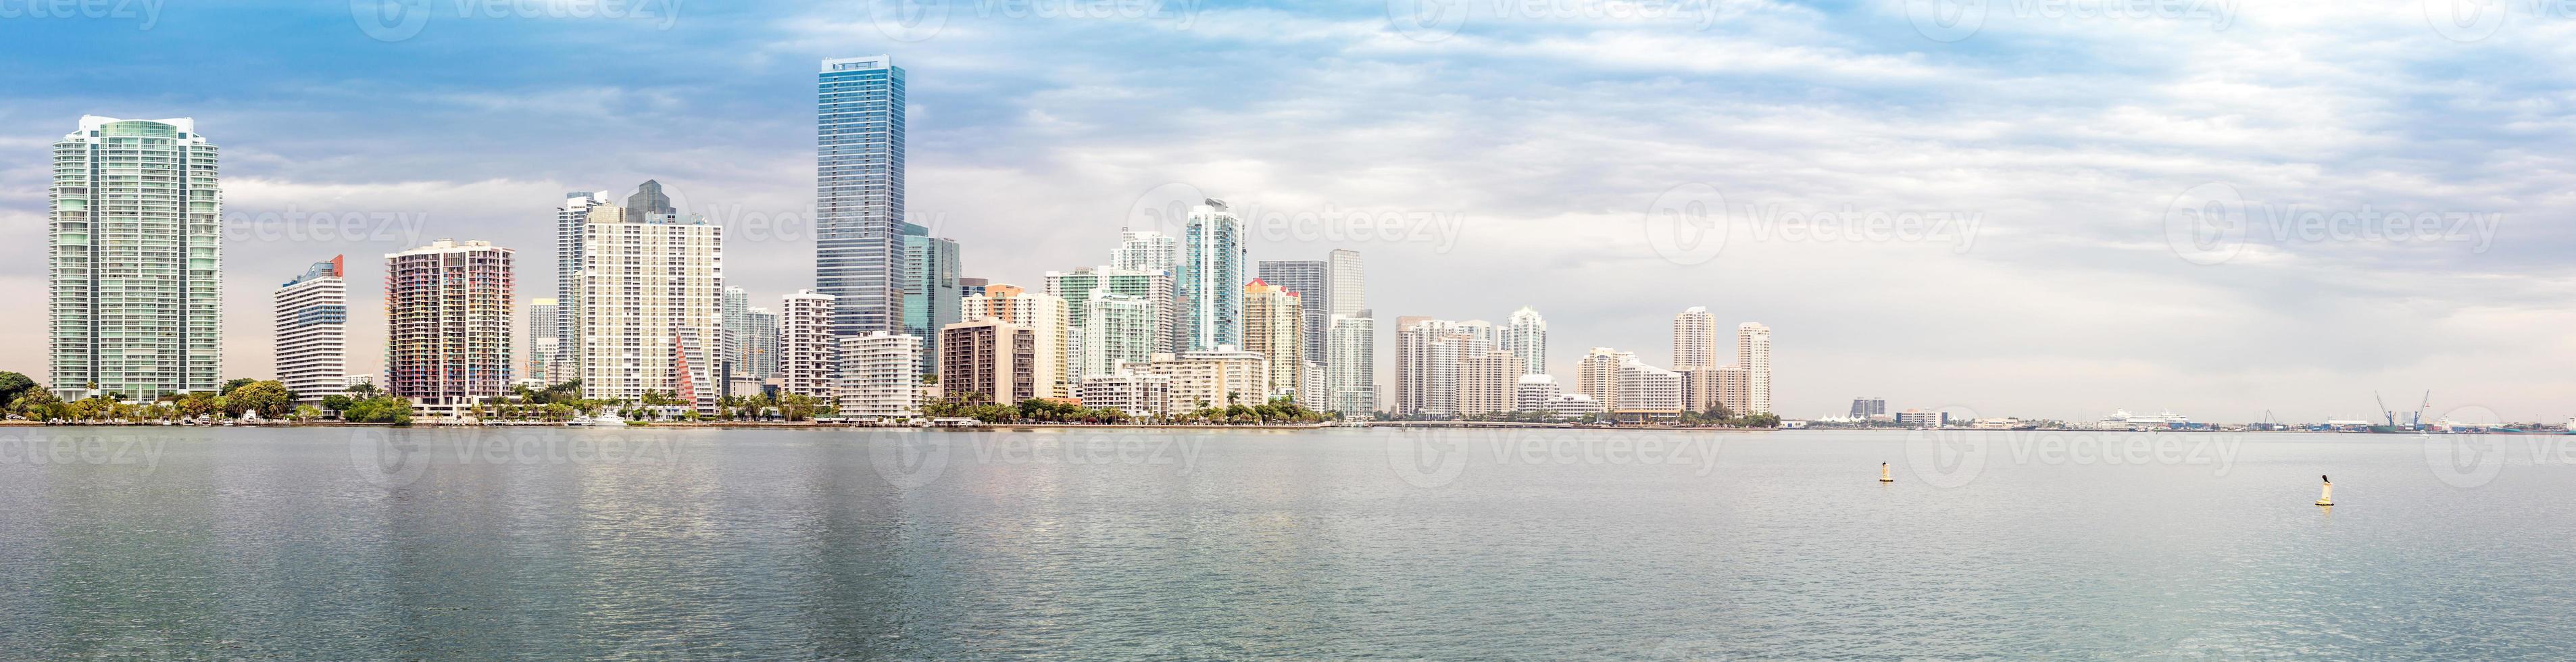 Panorama del horizonte de Miami desde la bahía de Biscayne foto